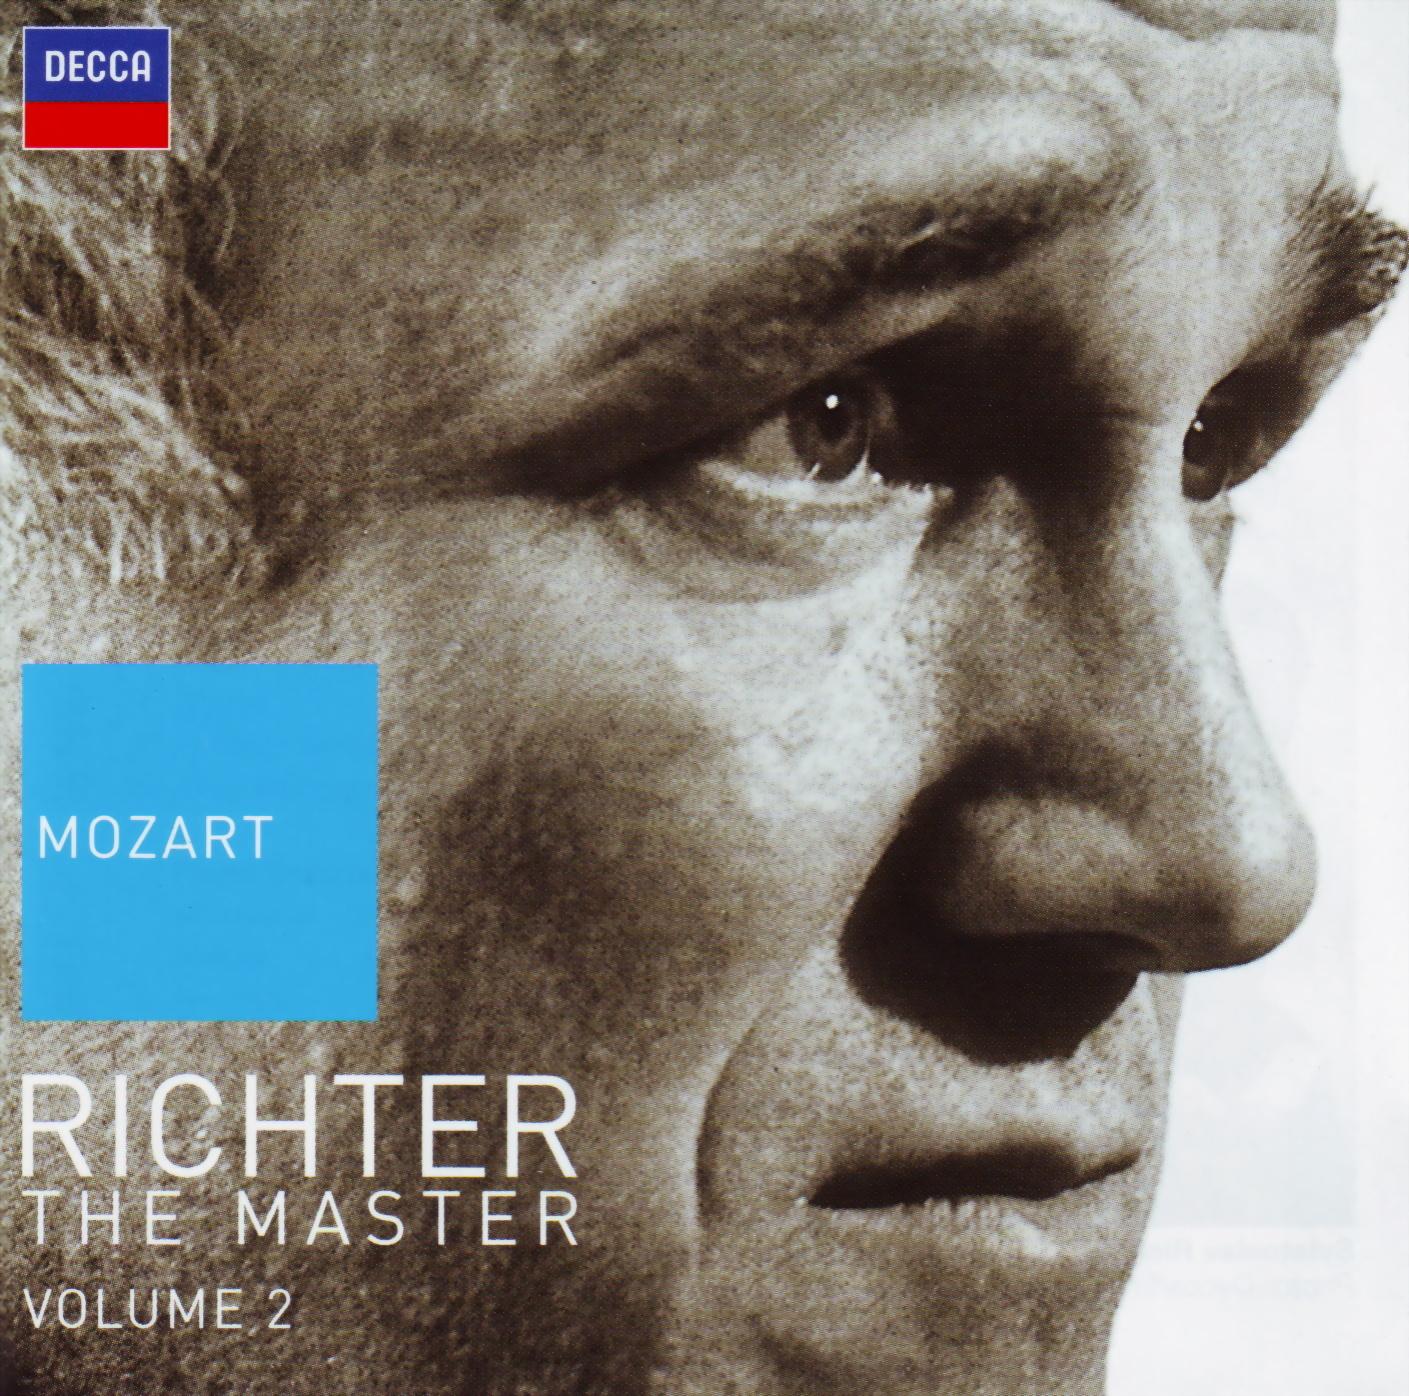 莫扎特钢琴曲 双钢琴奏鸣曲 幻想曲 精选专辑在线音乐试听 mp3歌曲试听的照片 - 5